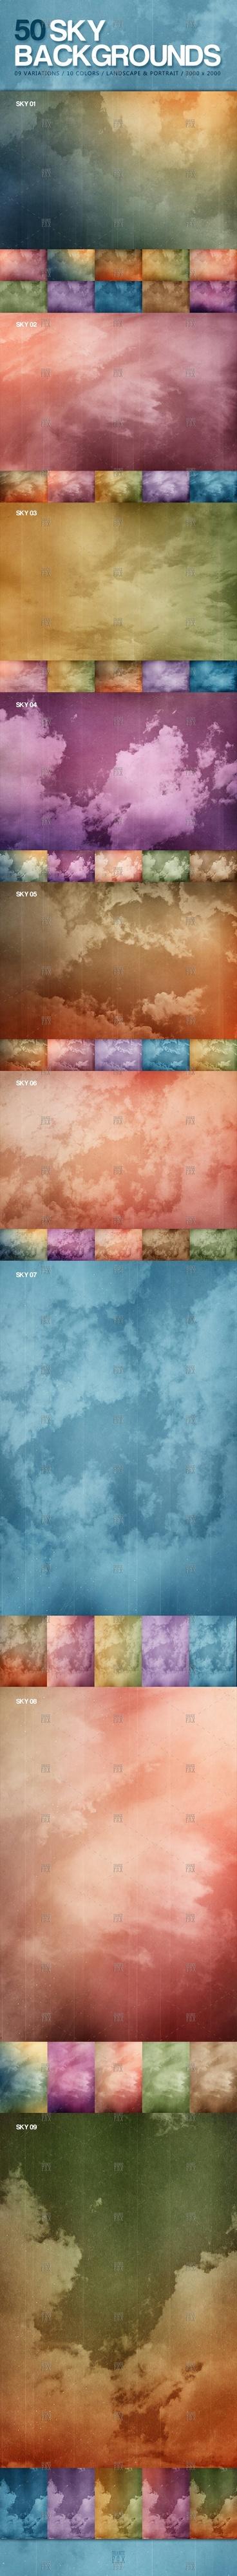 50 Sky Backgrounds